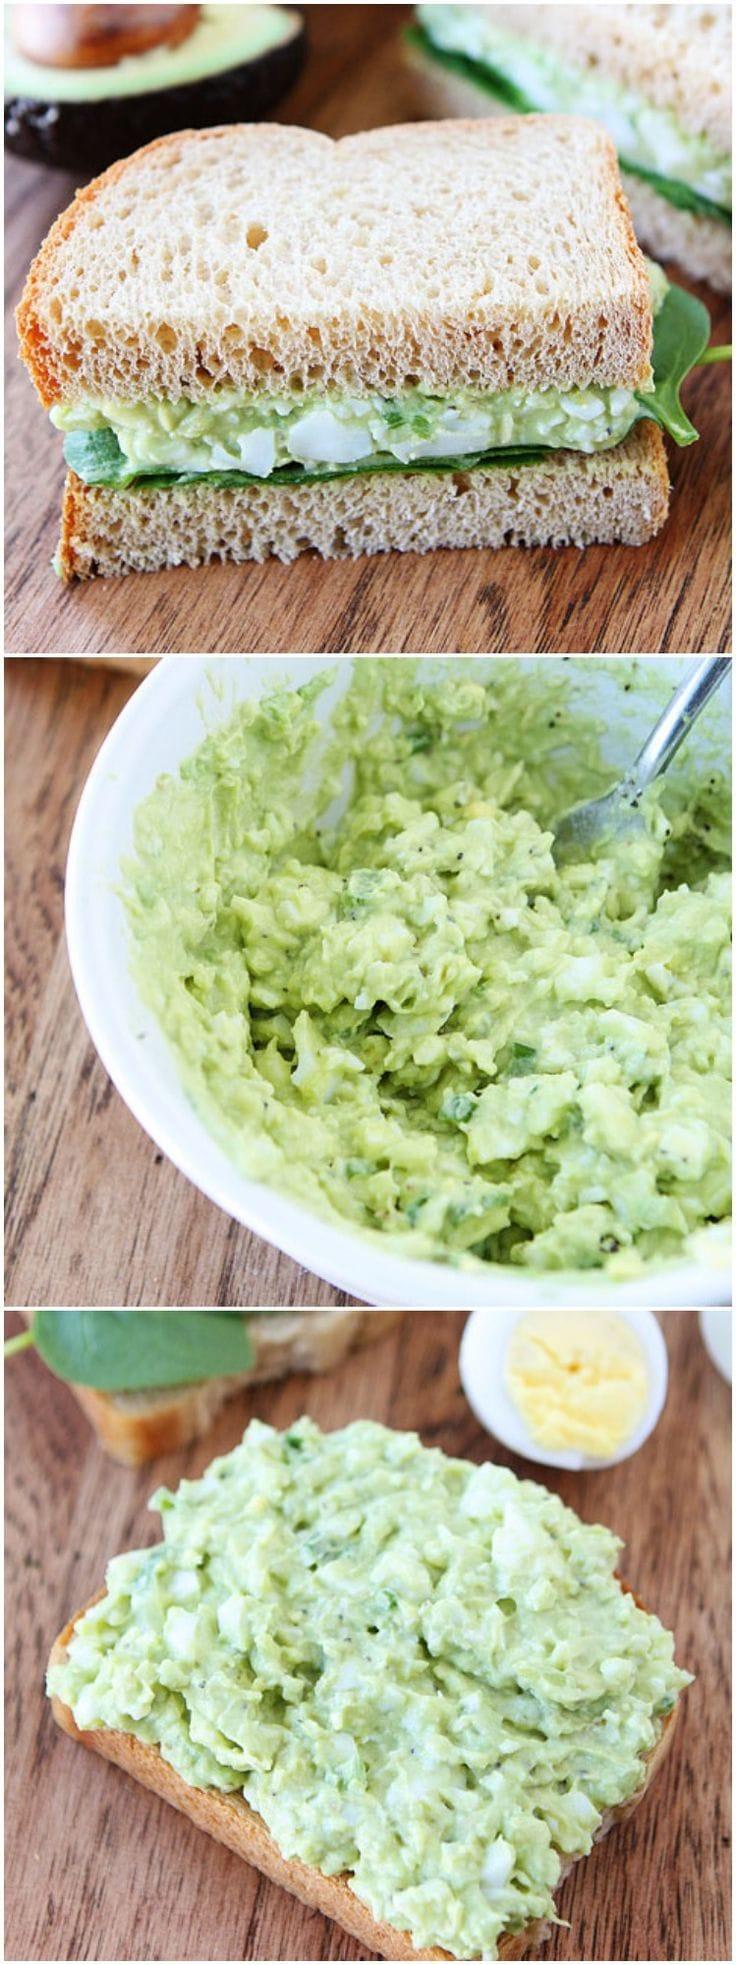 avocado salad carrot avocado salad avocado and edamame salad avocado ...